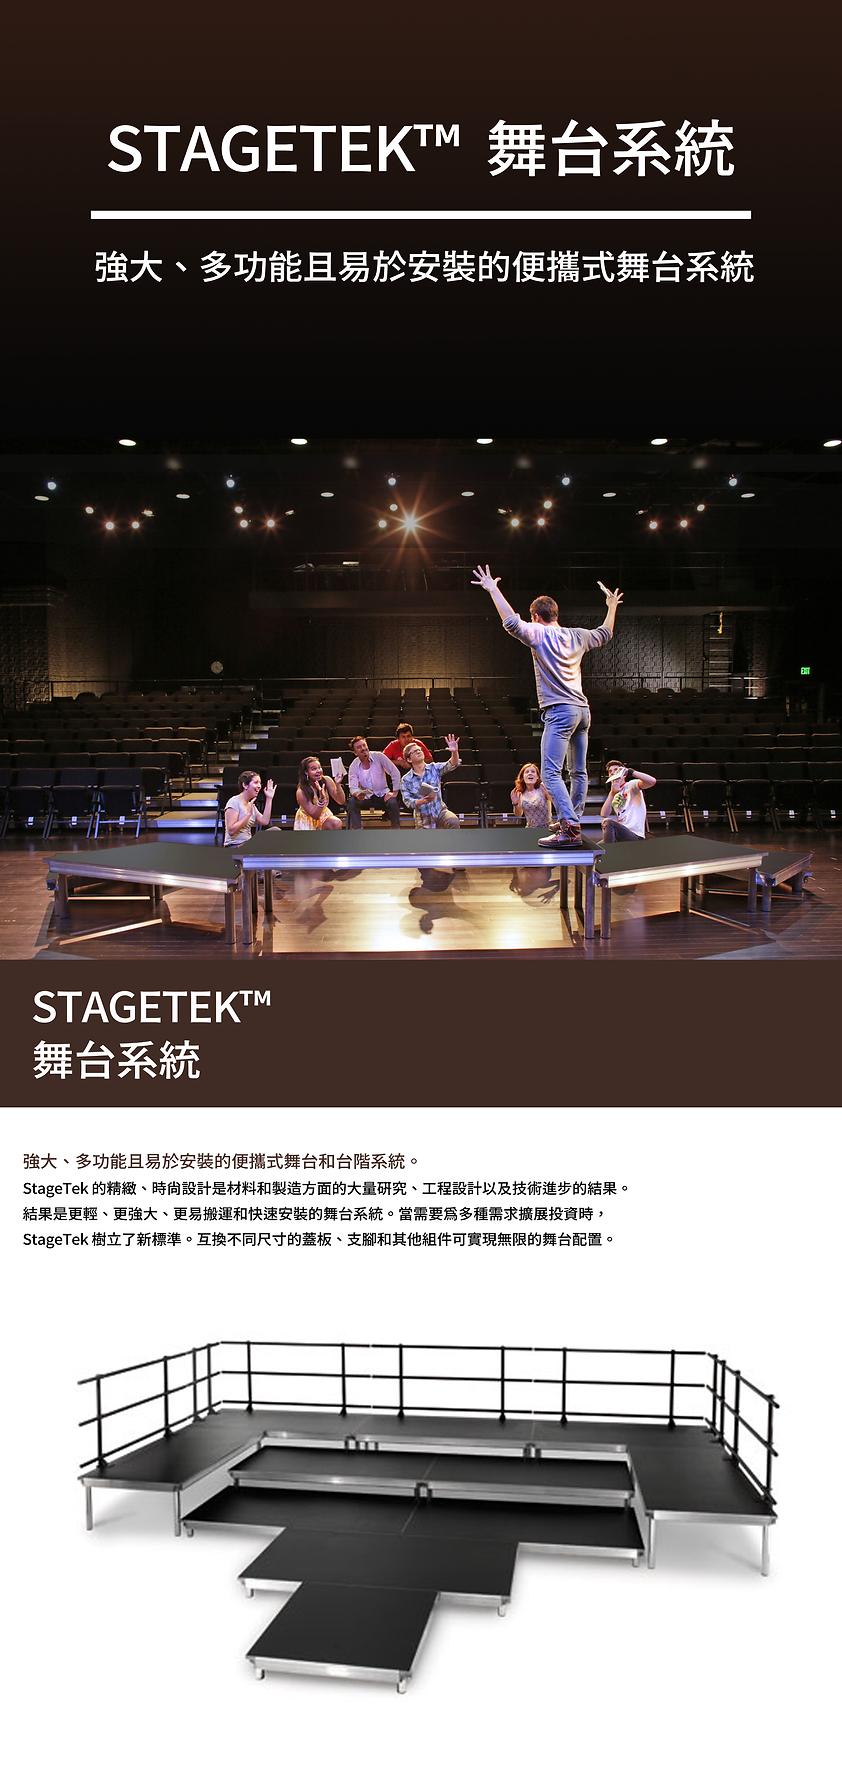 stagetek-1拷貝.png